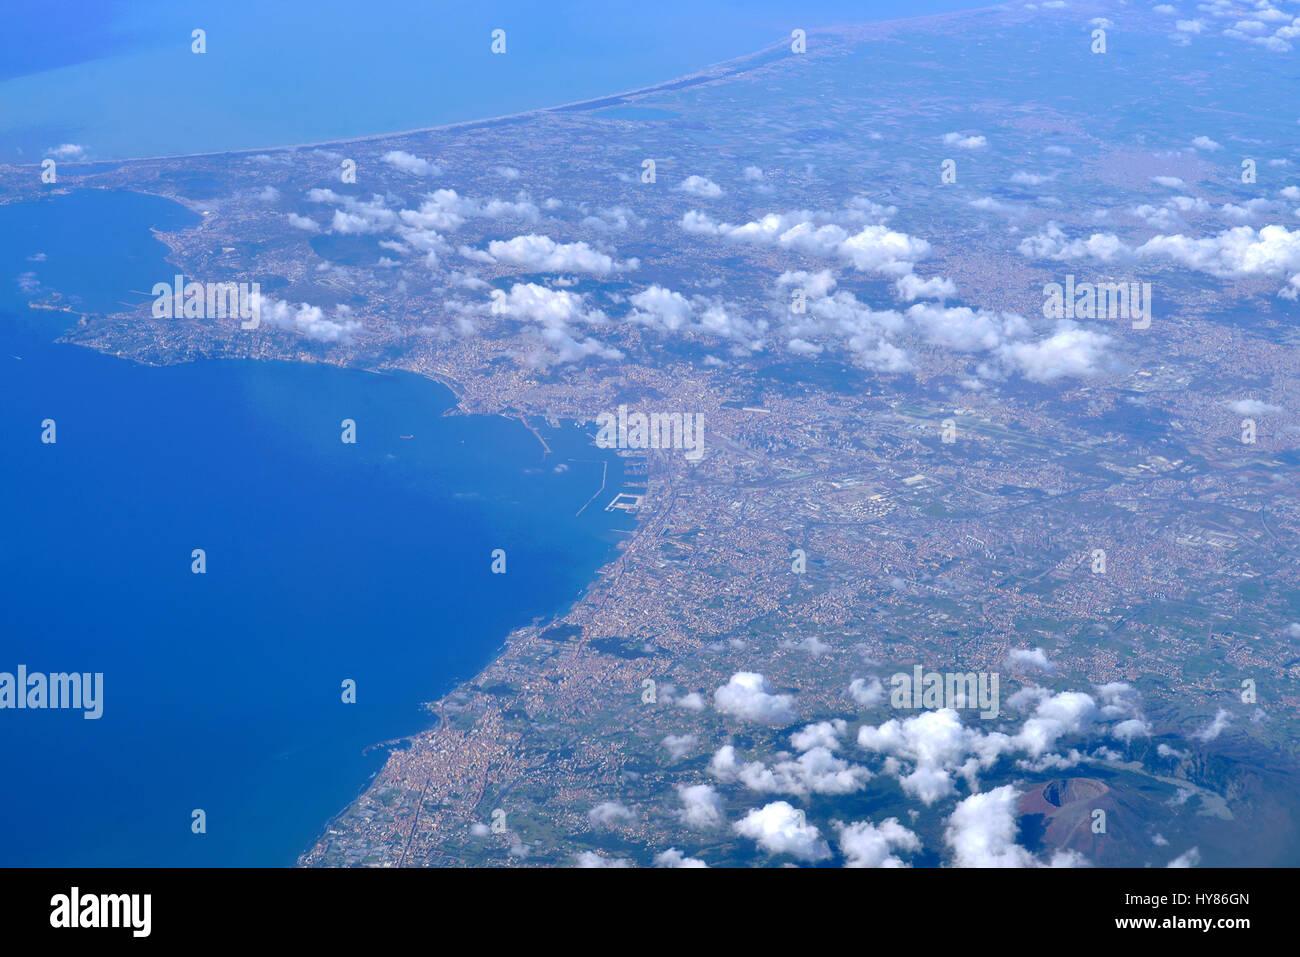 Neapel, Vulkan Vesuv, Italien, Neapel, Vulkan, Vesuv, Italienisch Stockbild